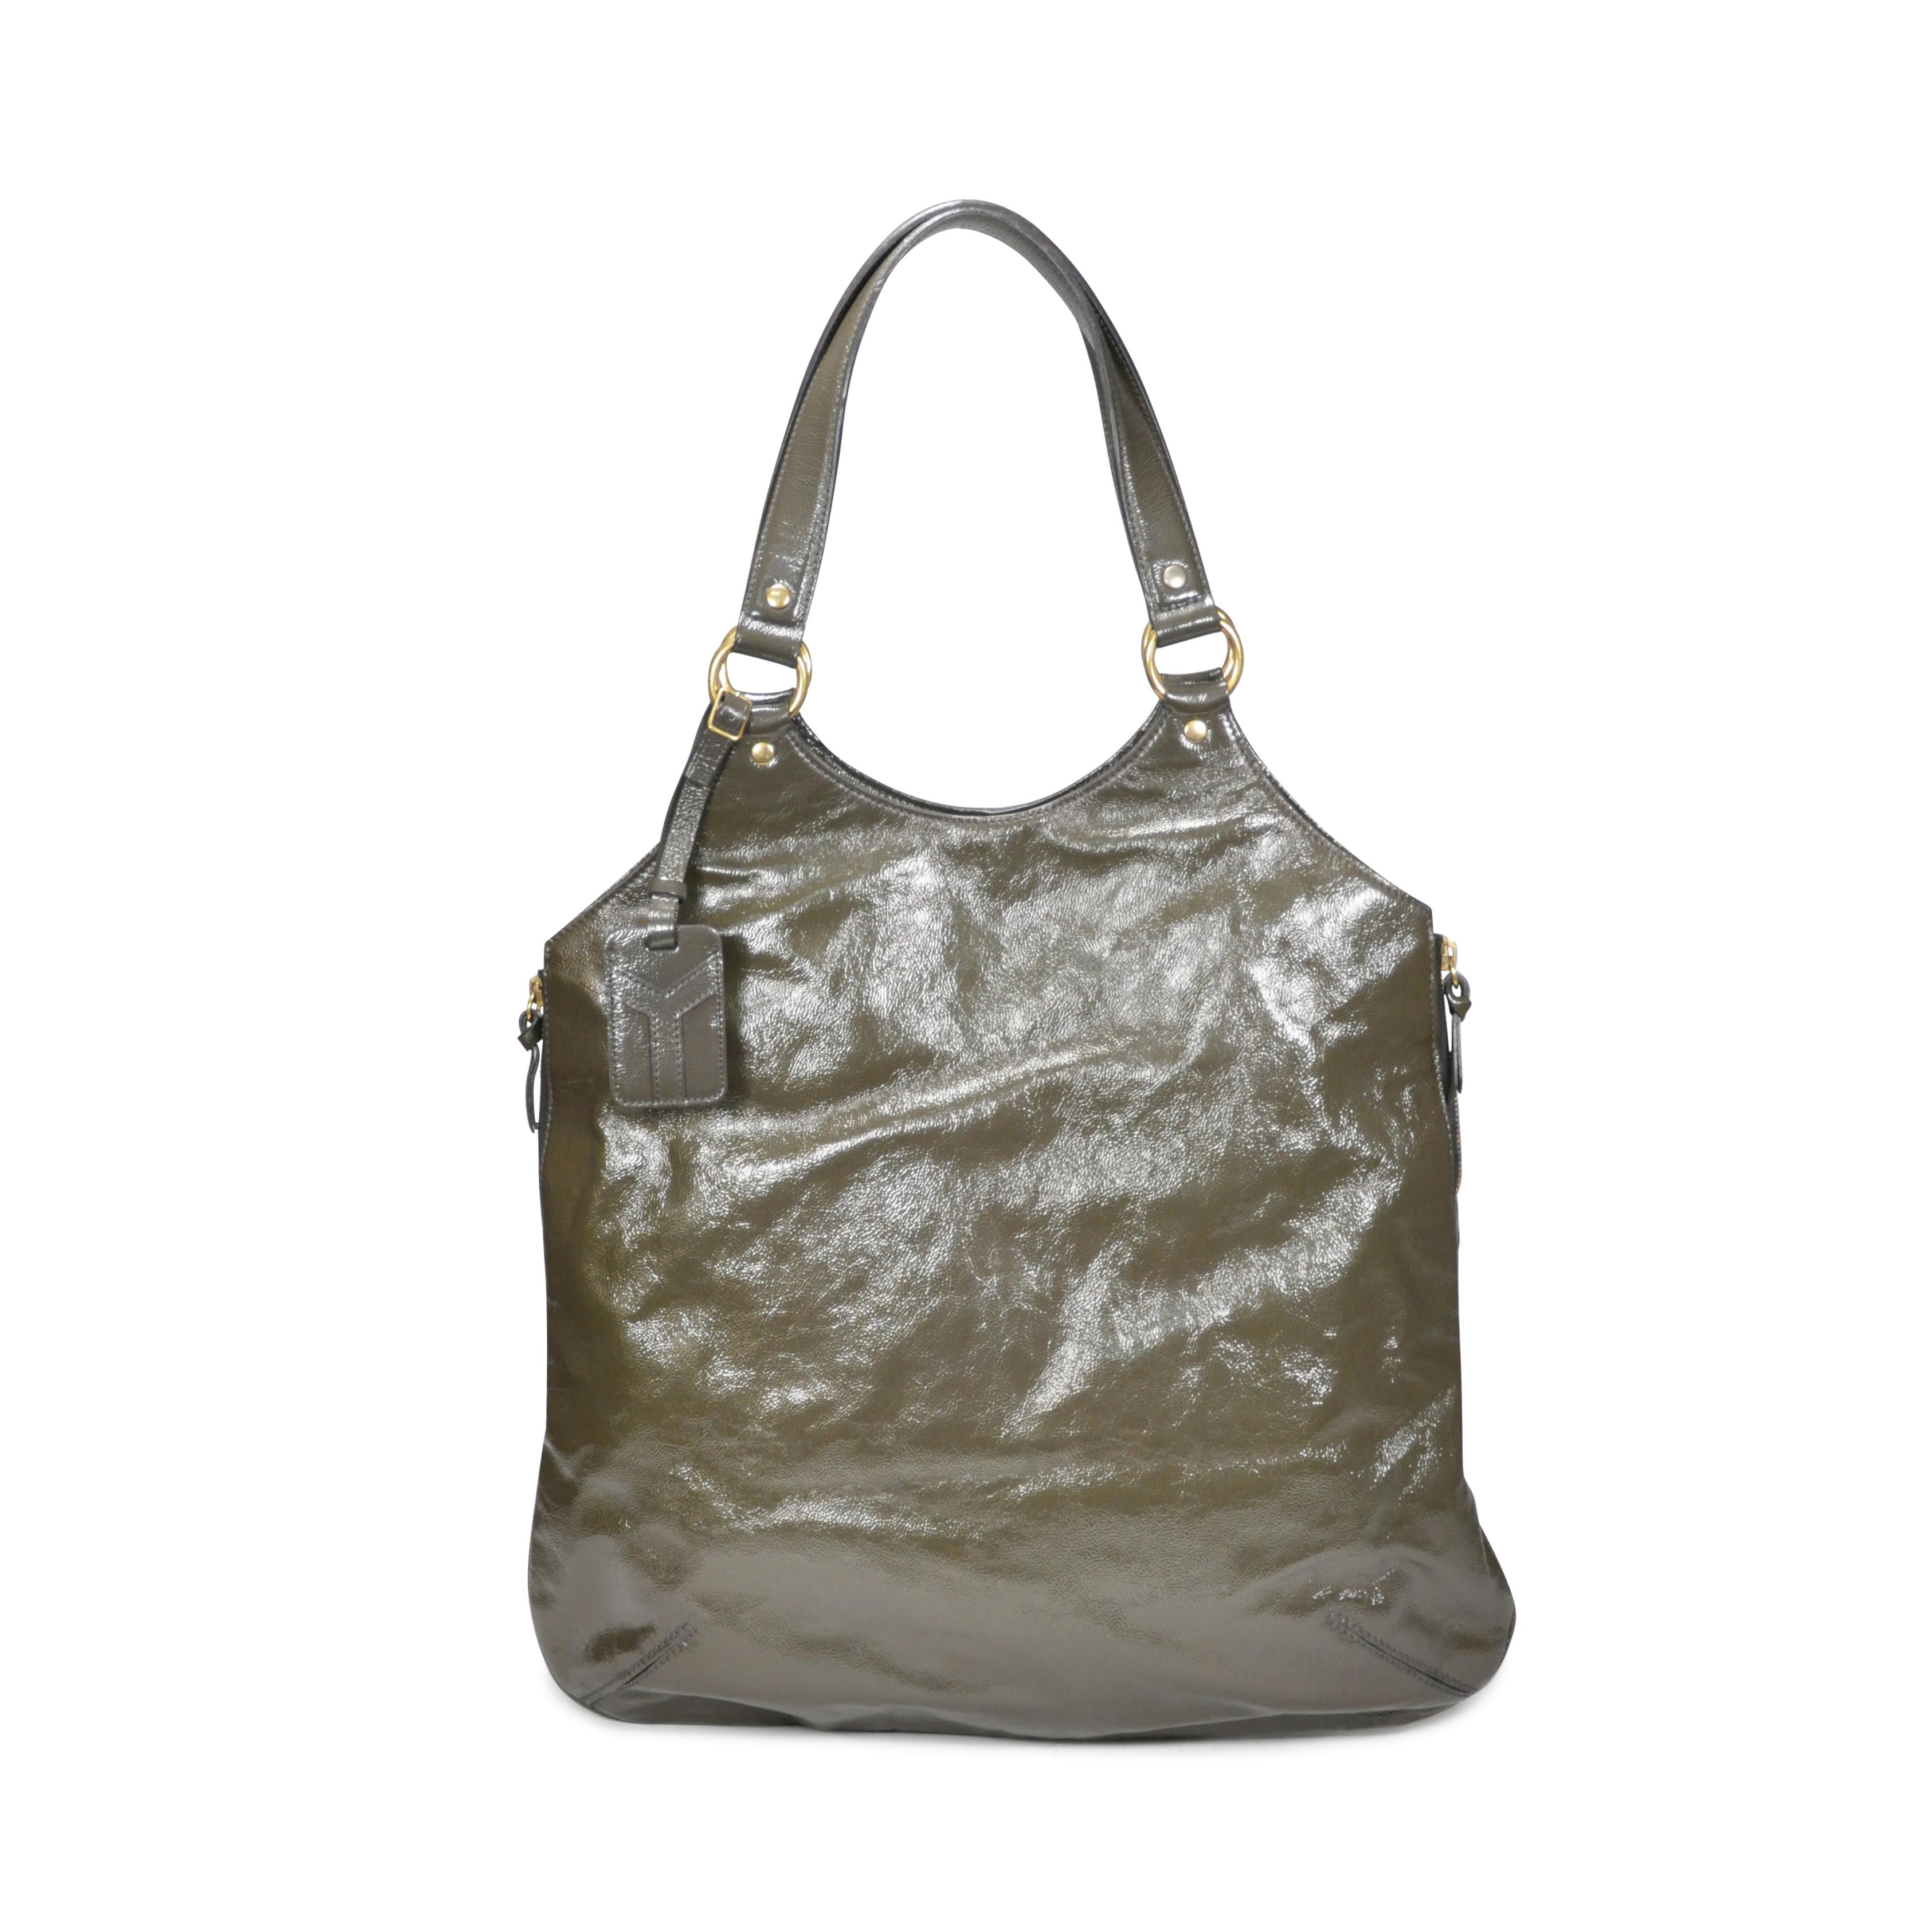 bd57f06d0565 Authentic Second Hand Yves Saint Laurent Tribute Bag (PSS-214-00004 ...